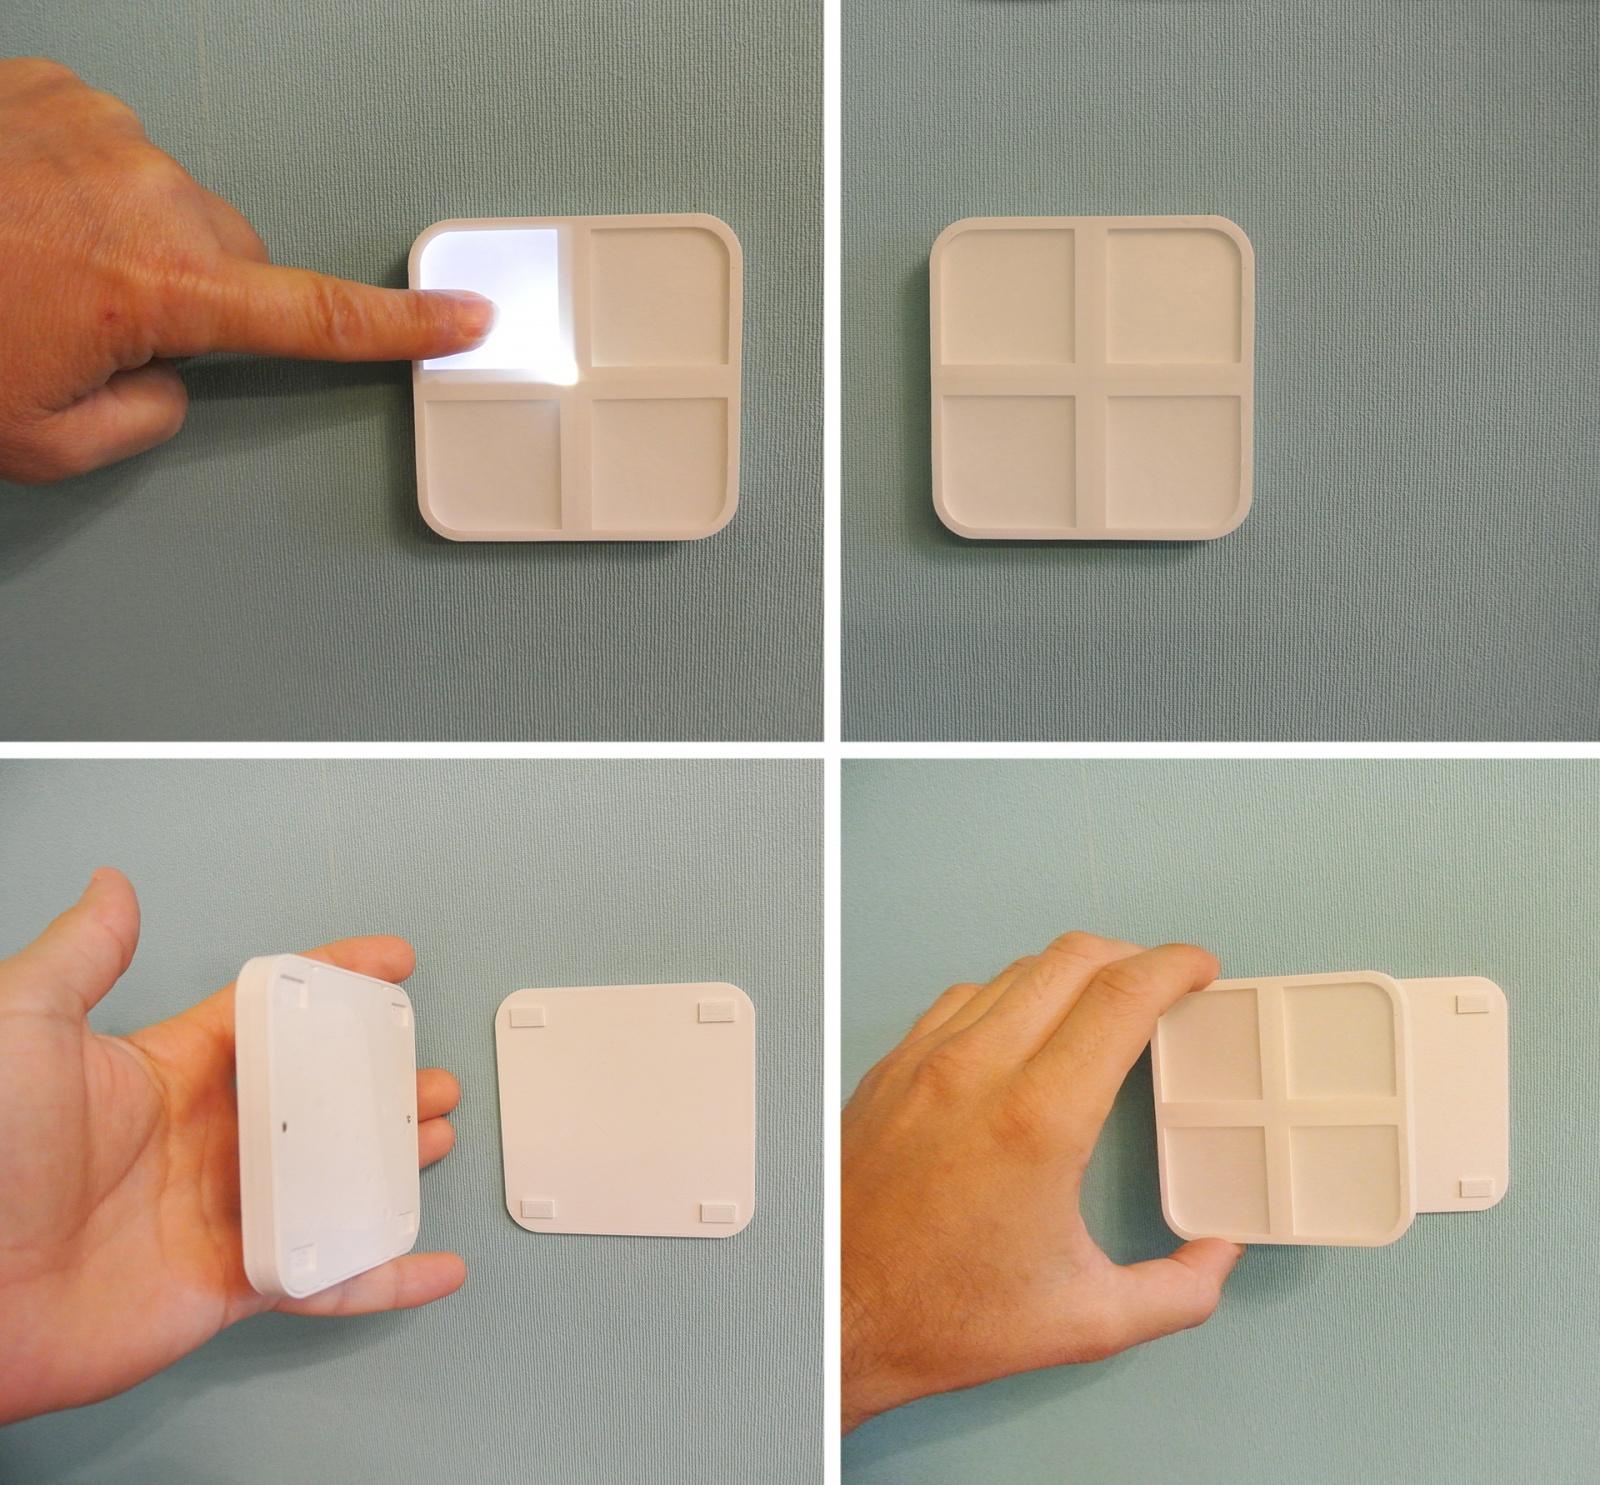 Разработка сенсорного Z-Wave выключателя на аккумуляторе со светящимися кнопками - 17